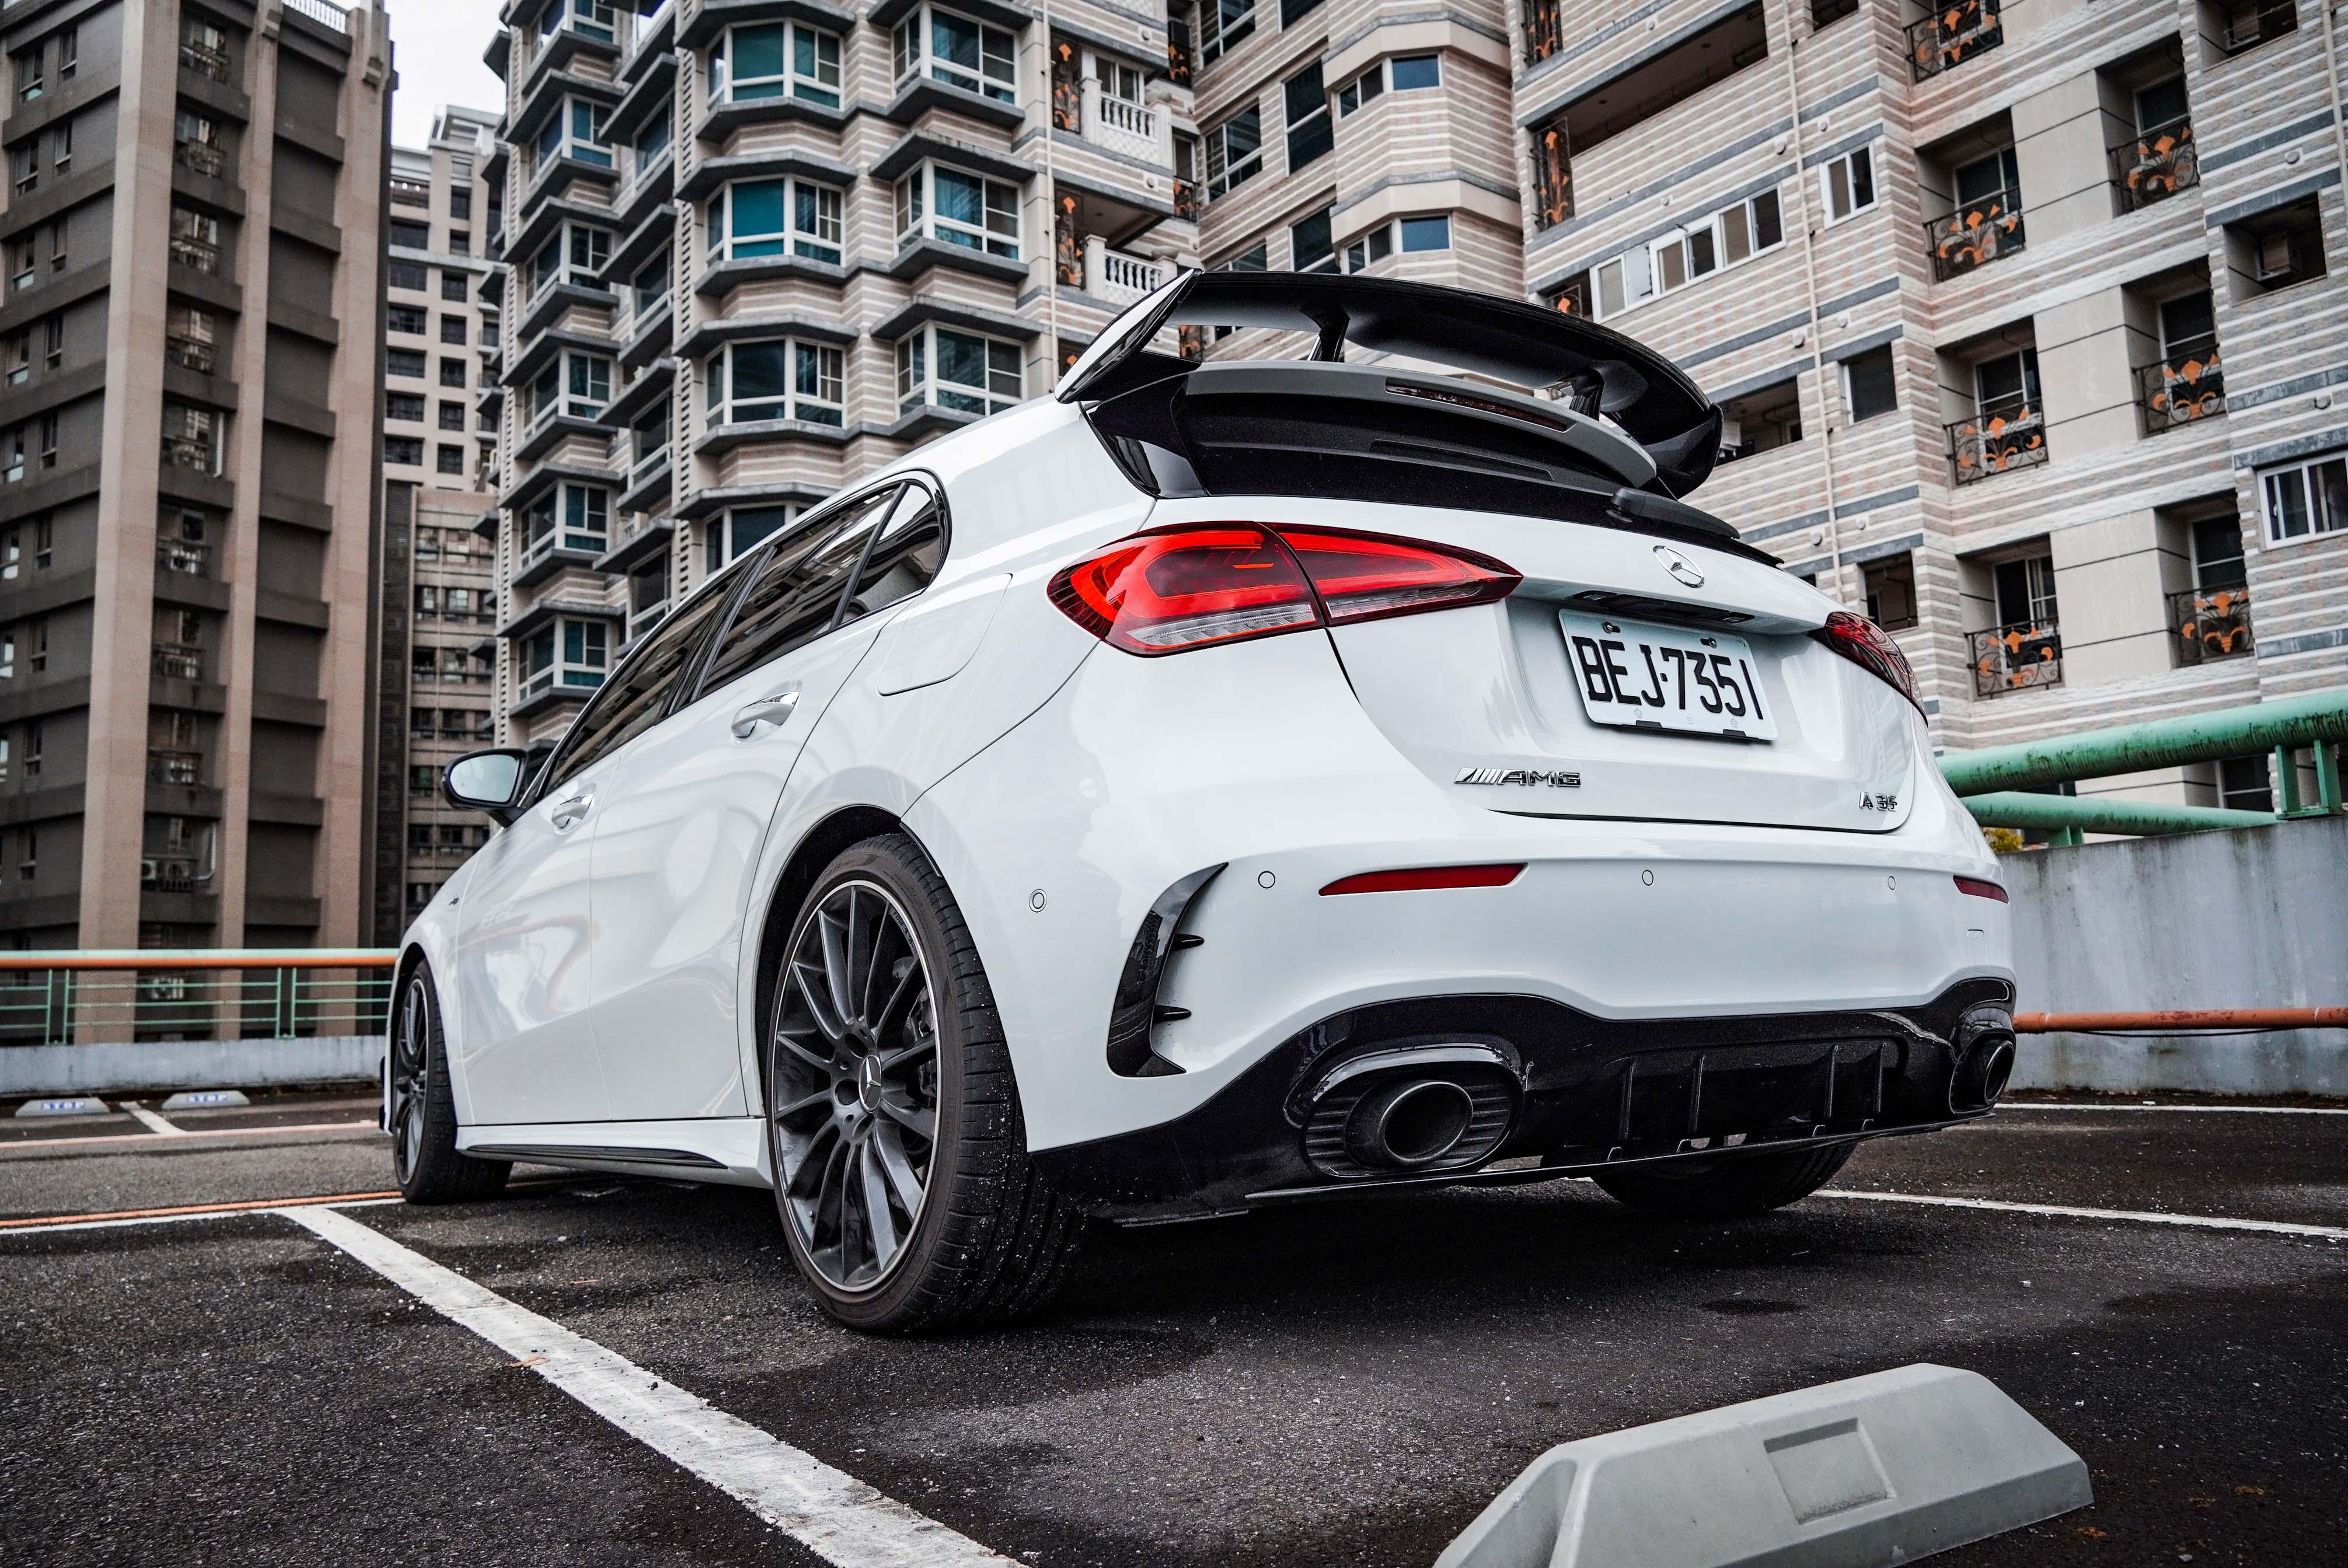 AMG 空力套件提供車尾保桿進氣口黑色鰭片、黑色 AMG 後尾翼。黑色鍍鉻排氣尾管屬於夜色套件。